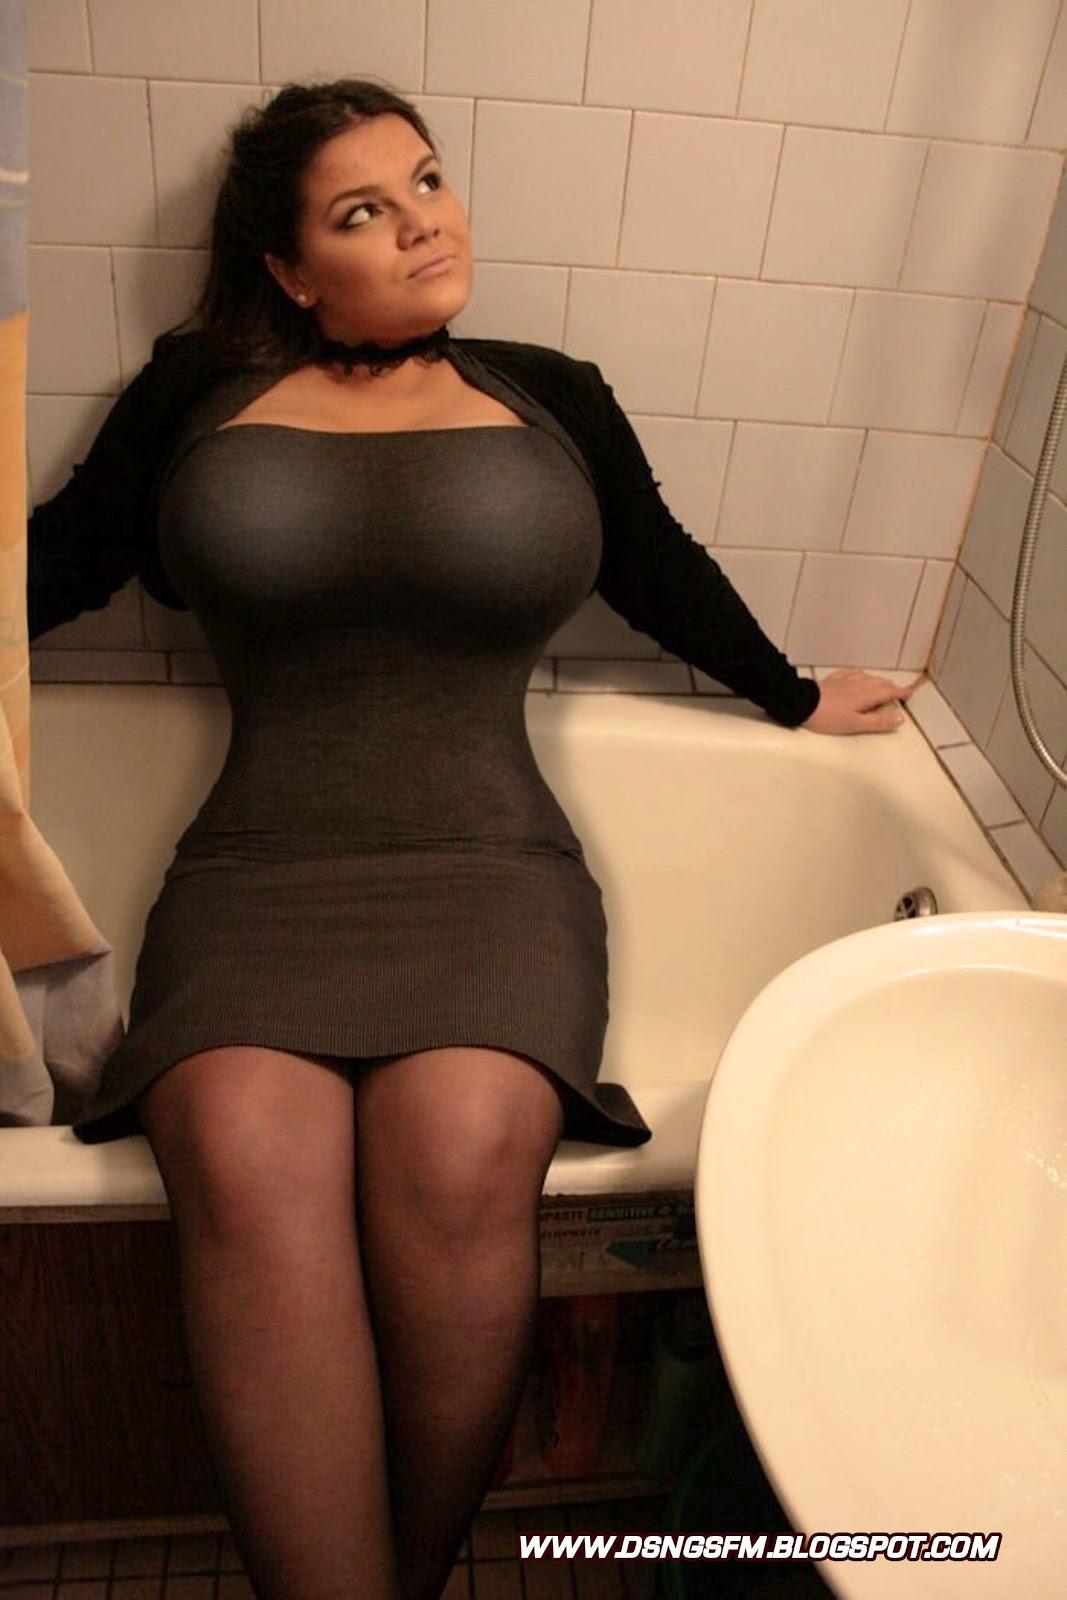 Самый большой бюст в порно 3 фотография